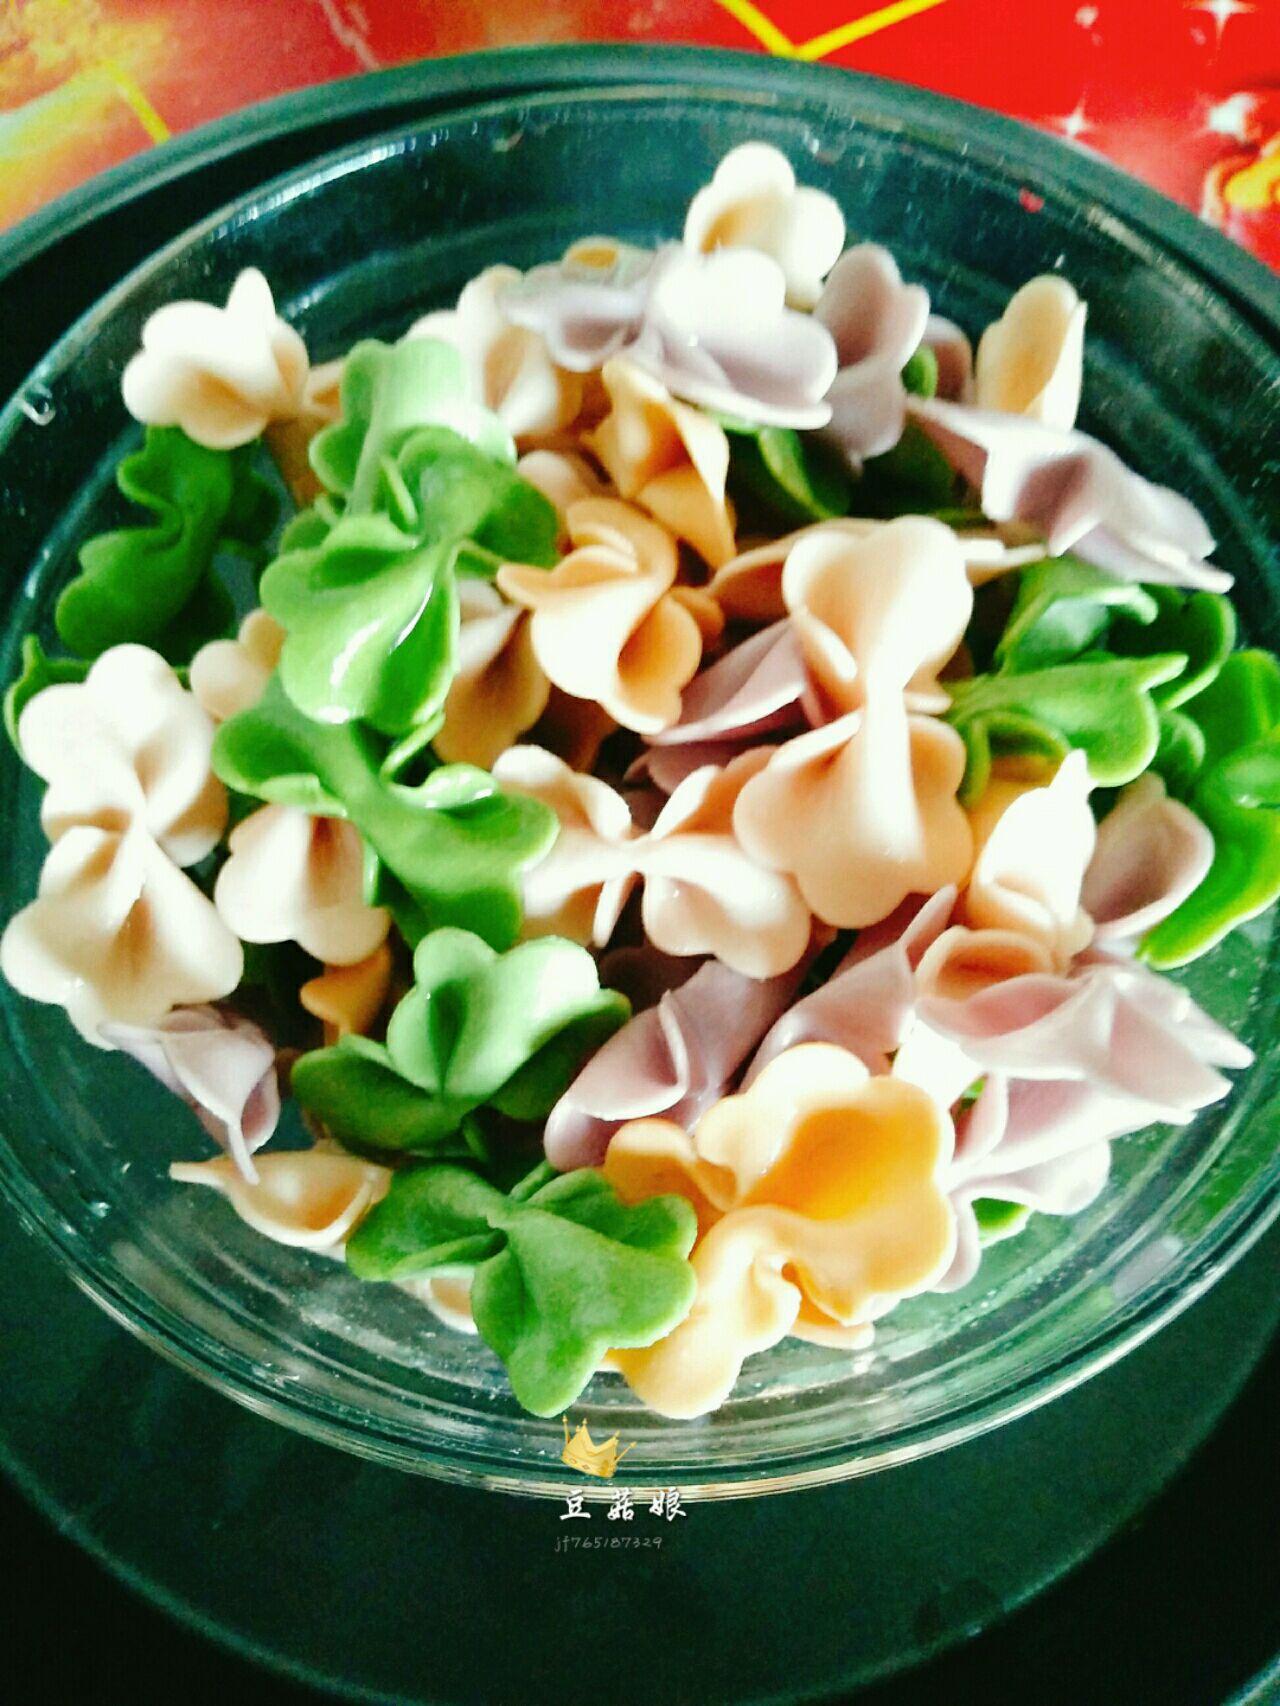 蝴蝶面―宝宝营养辅食的做法图解2